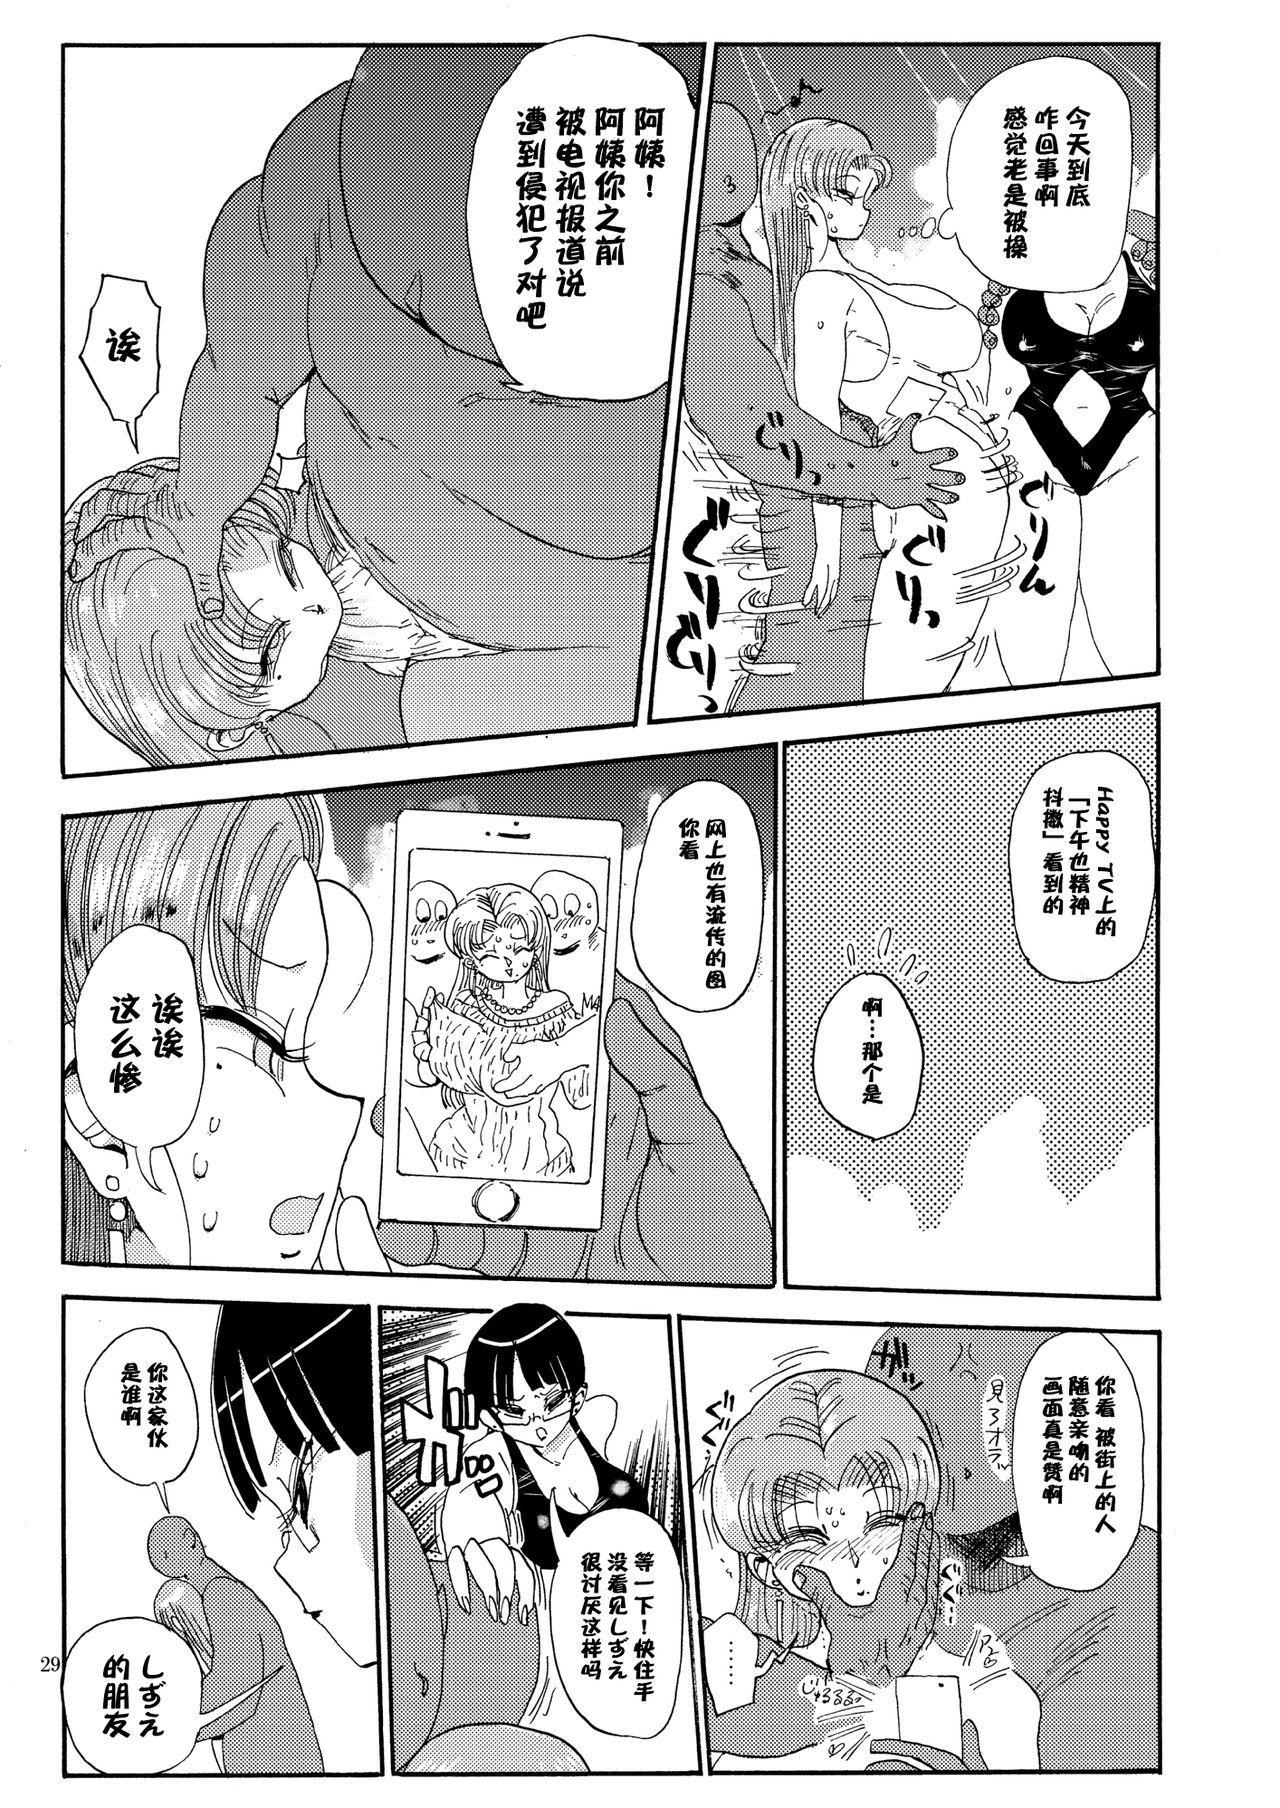 Nandemo Chousa Shoujo no Doujinshi ga Deta? Wakarimashita Chousa Shimasu 28